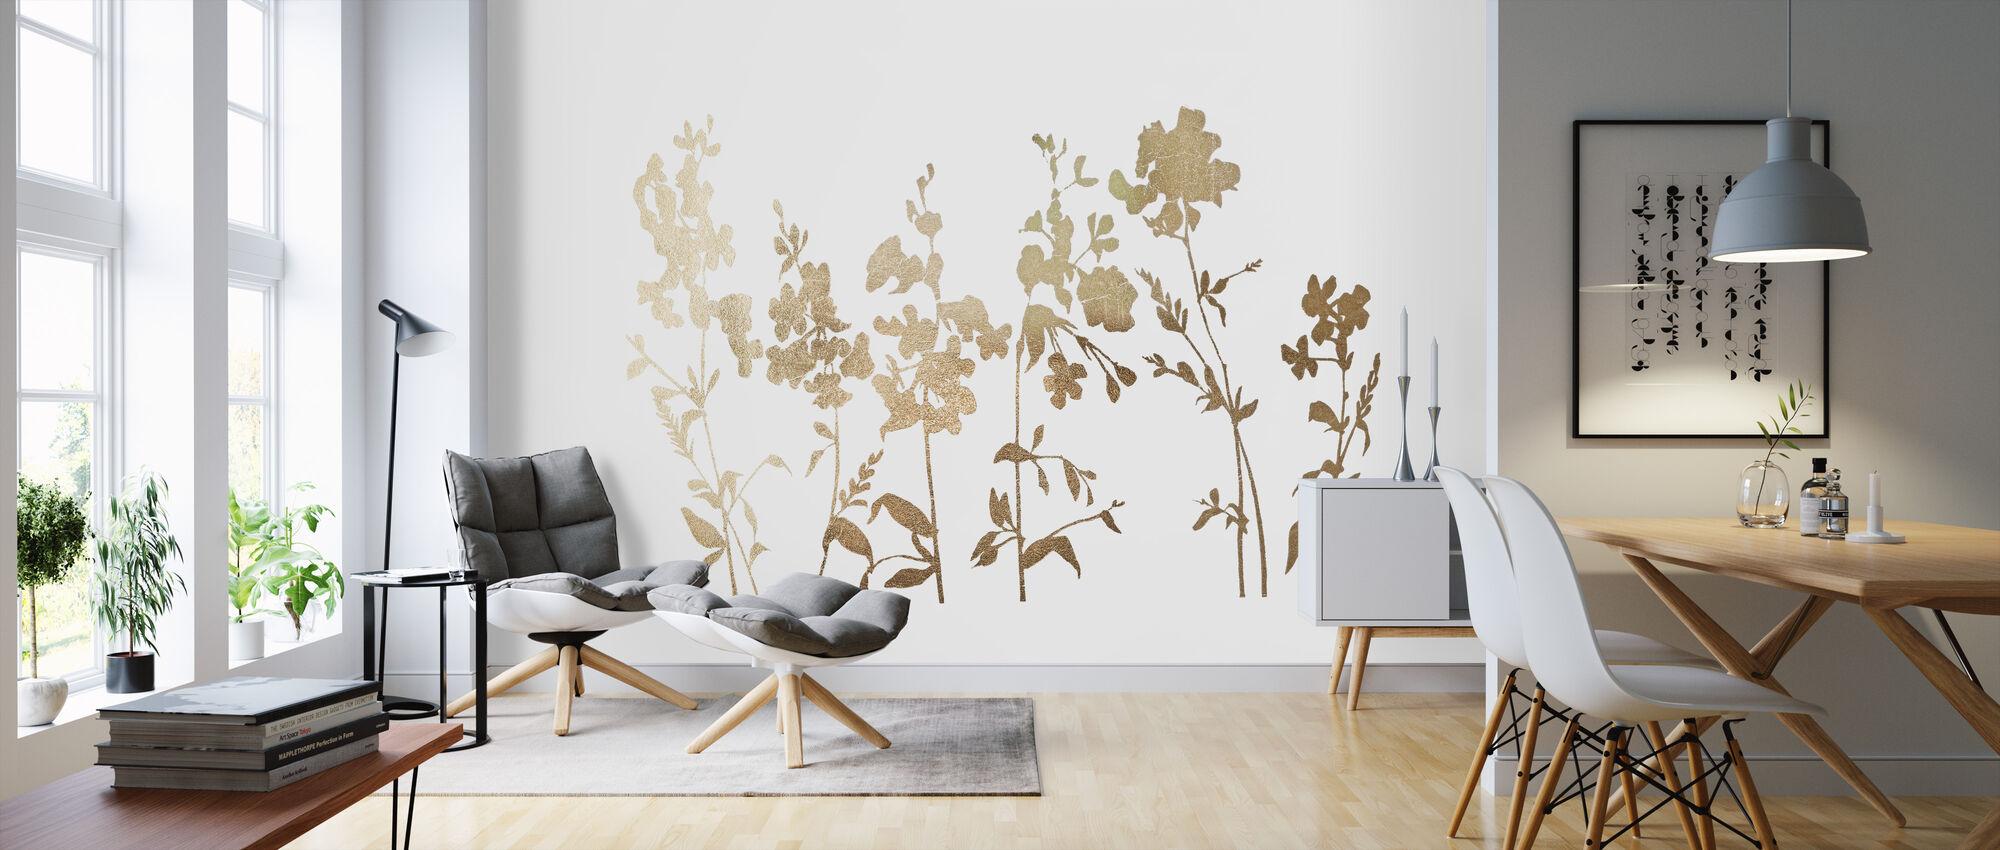 Blumenfeld - Tapete - Wohnzimmer